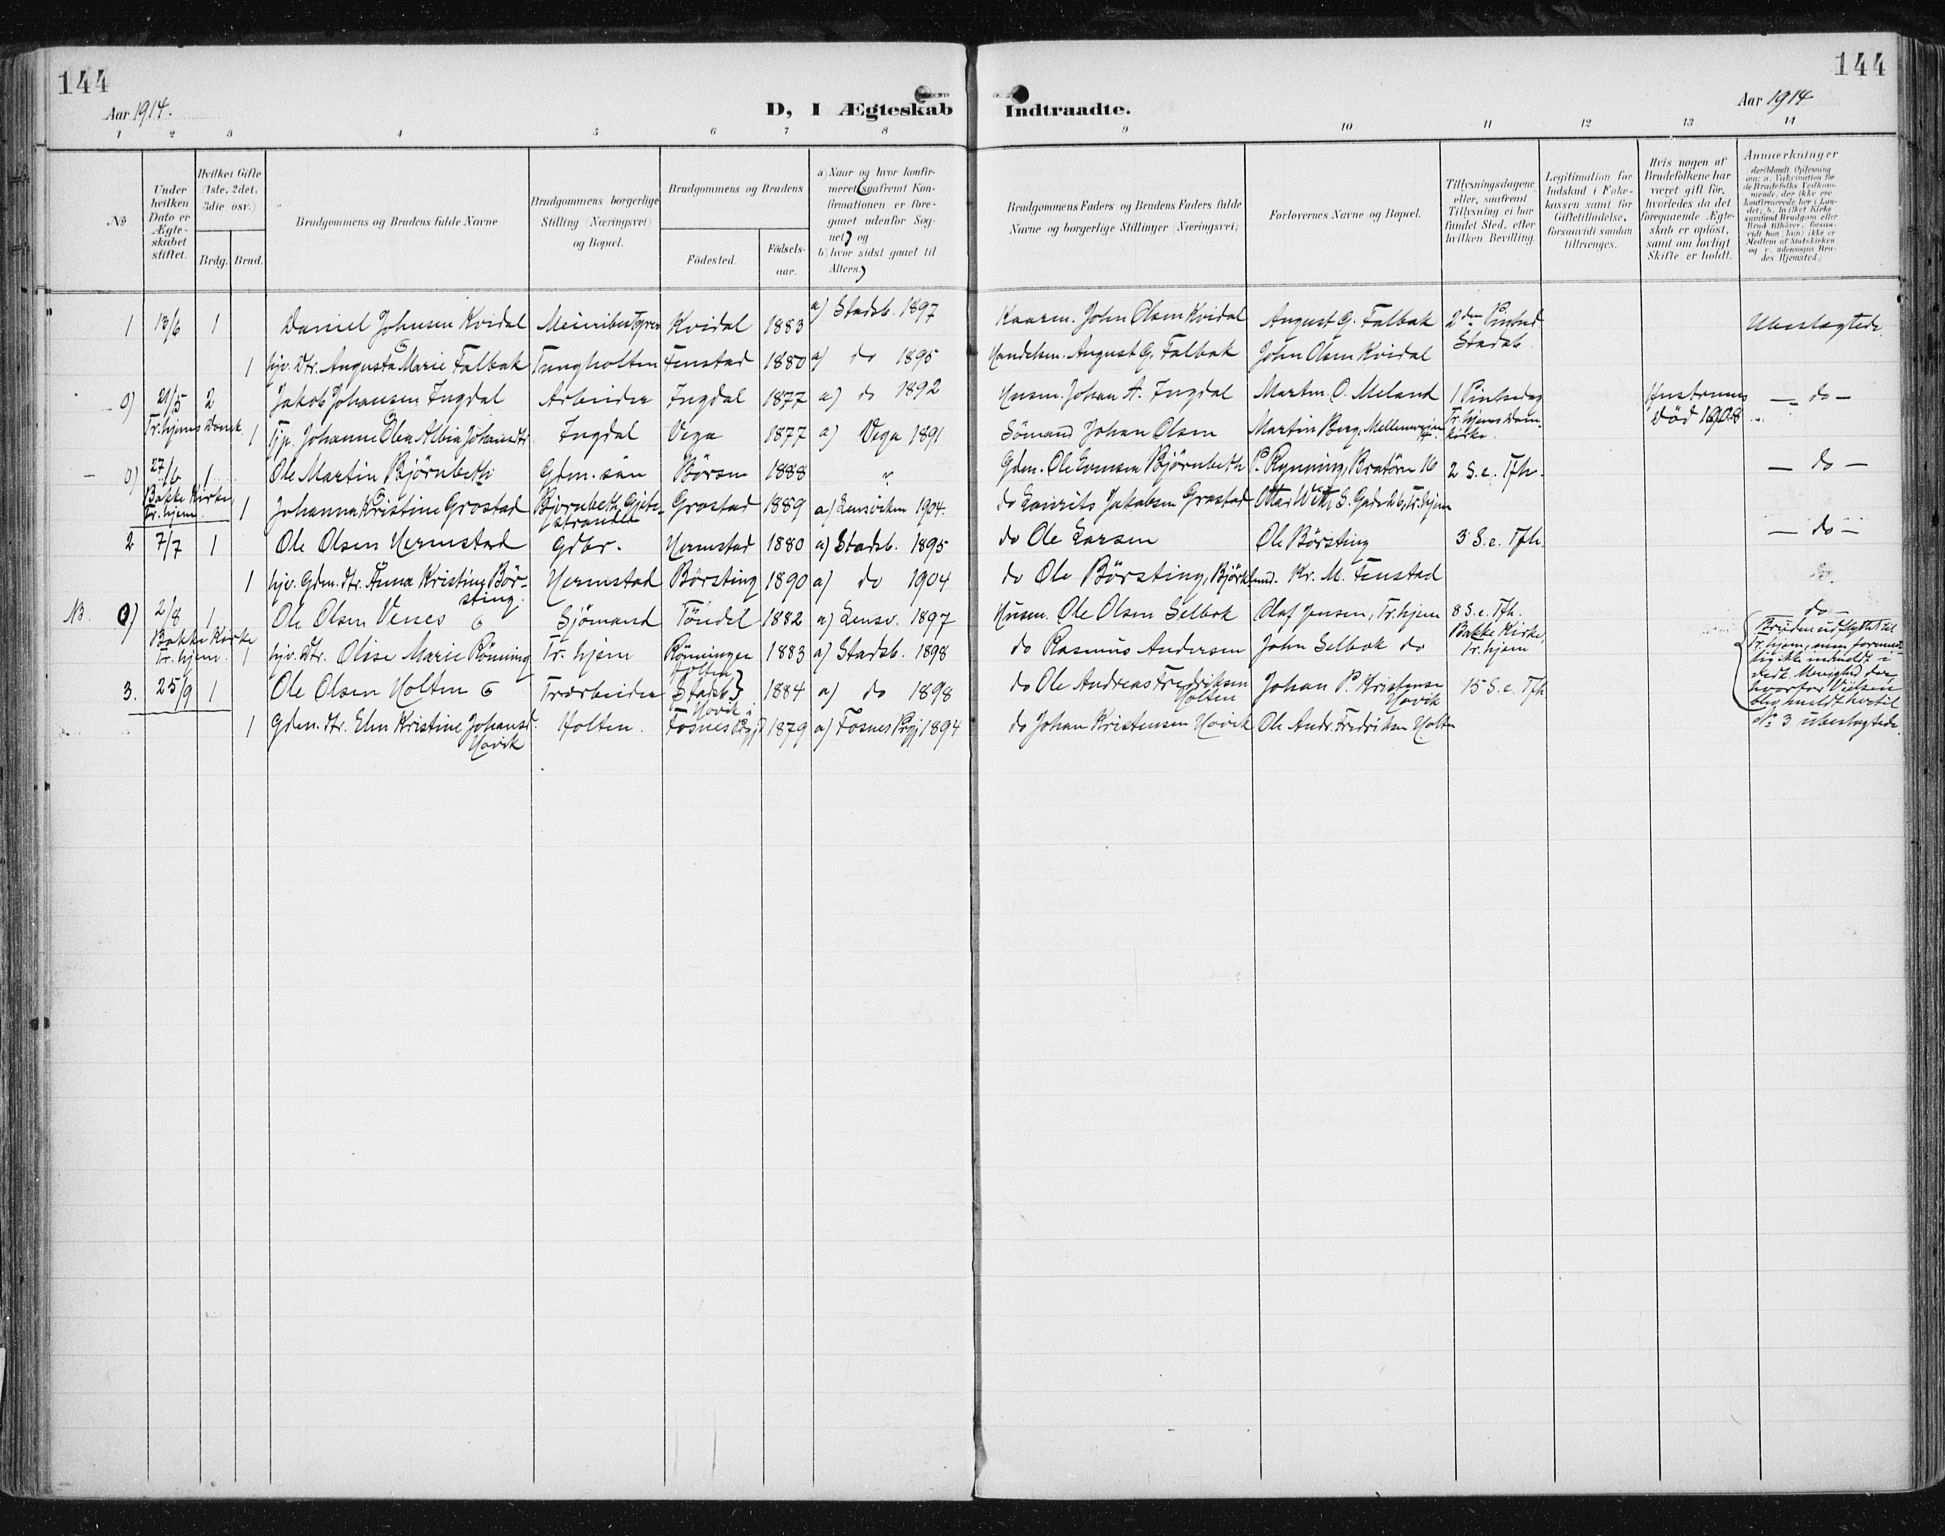 SAT, Ministerialprotokoller, klokkerbøker og fødselsregistre - Sør-Trøndelag, 646/L0616: Ministerialbok nr. 646A14, 1900-1918, s. 144